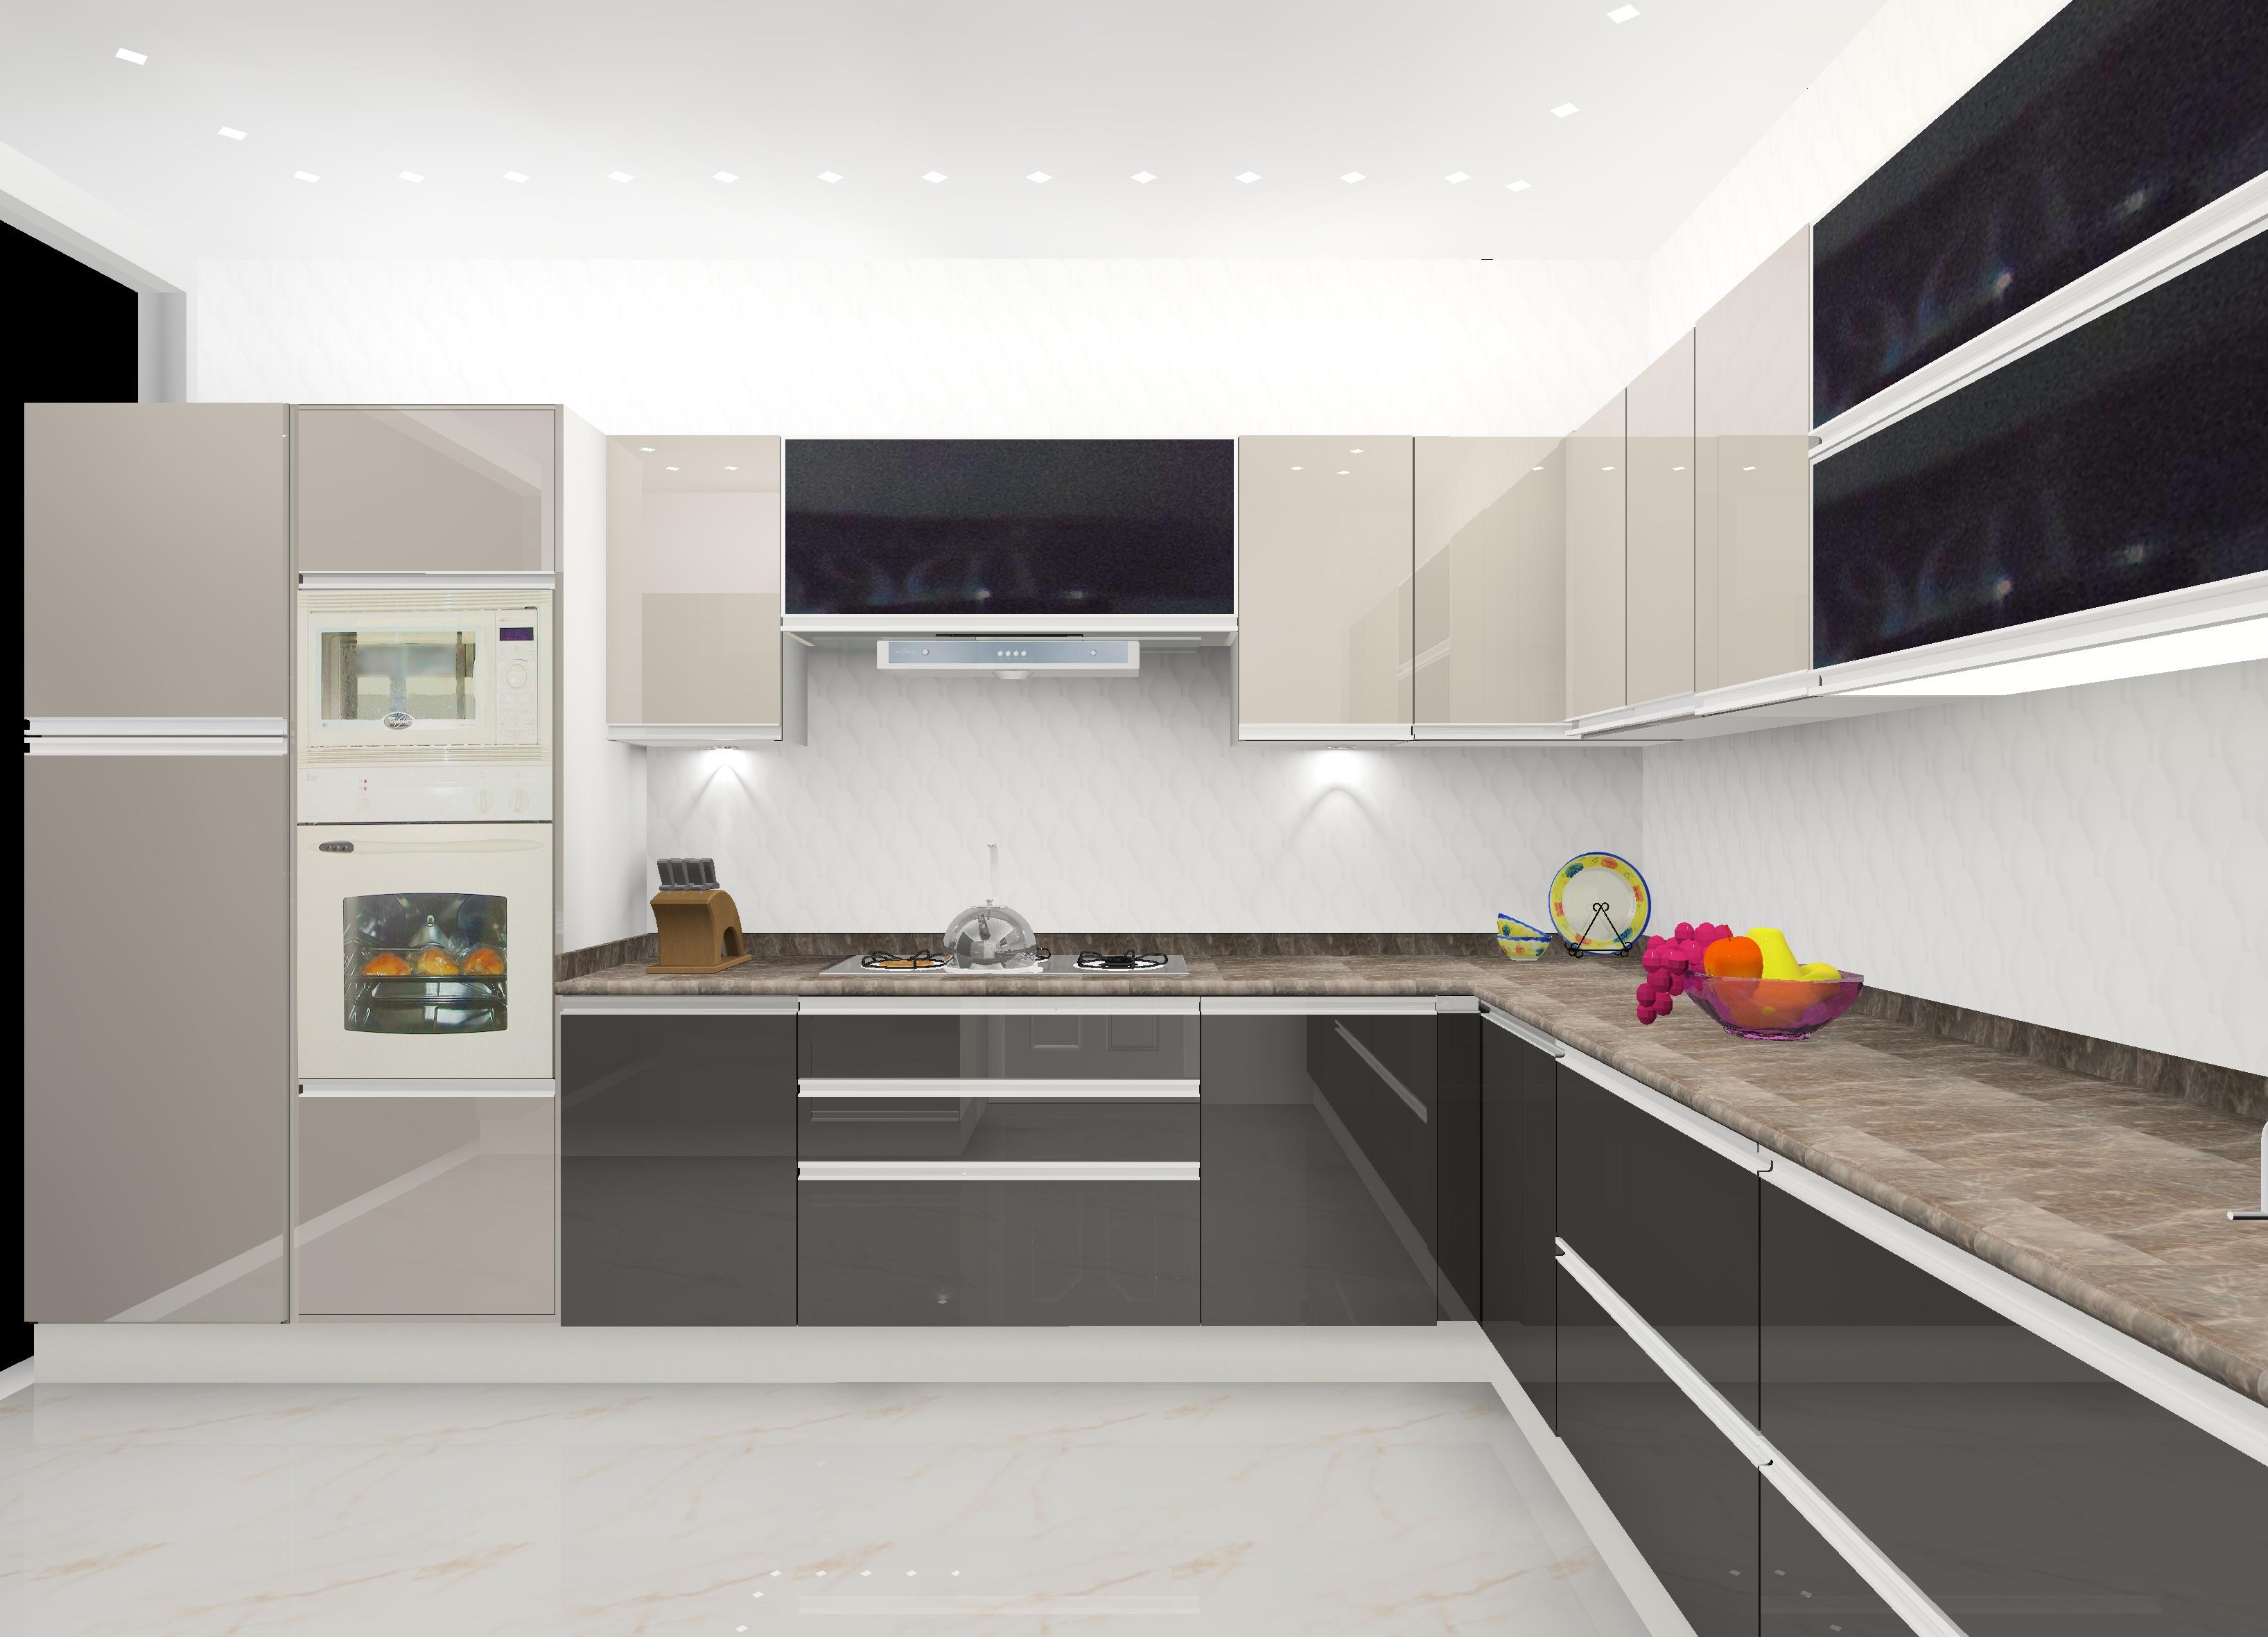 GF B-SIDE 1 - Gwalior Modular Kitchen Design by Ideas Kitchens